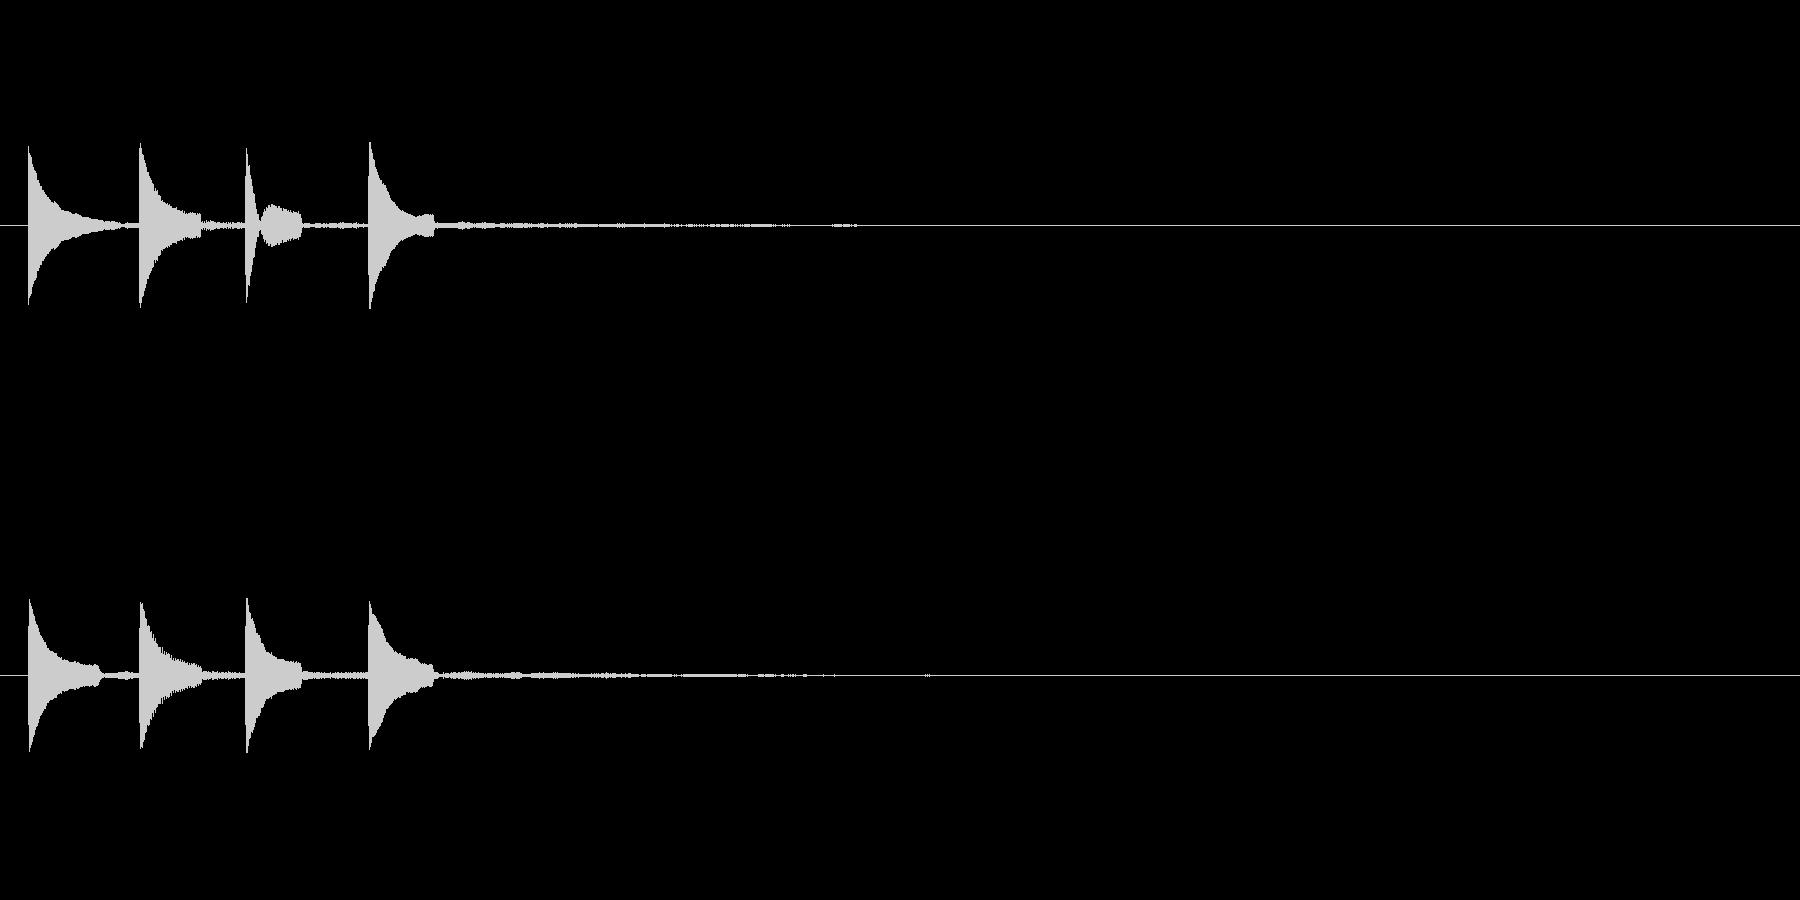 システム音 着信音 ピポピポーンの未再生の波形